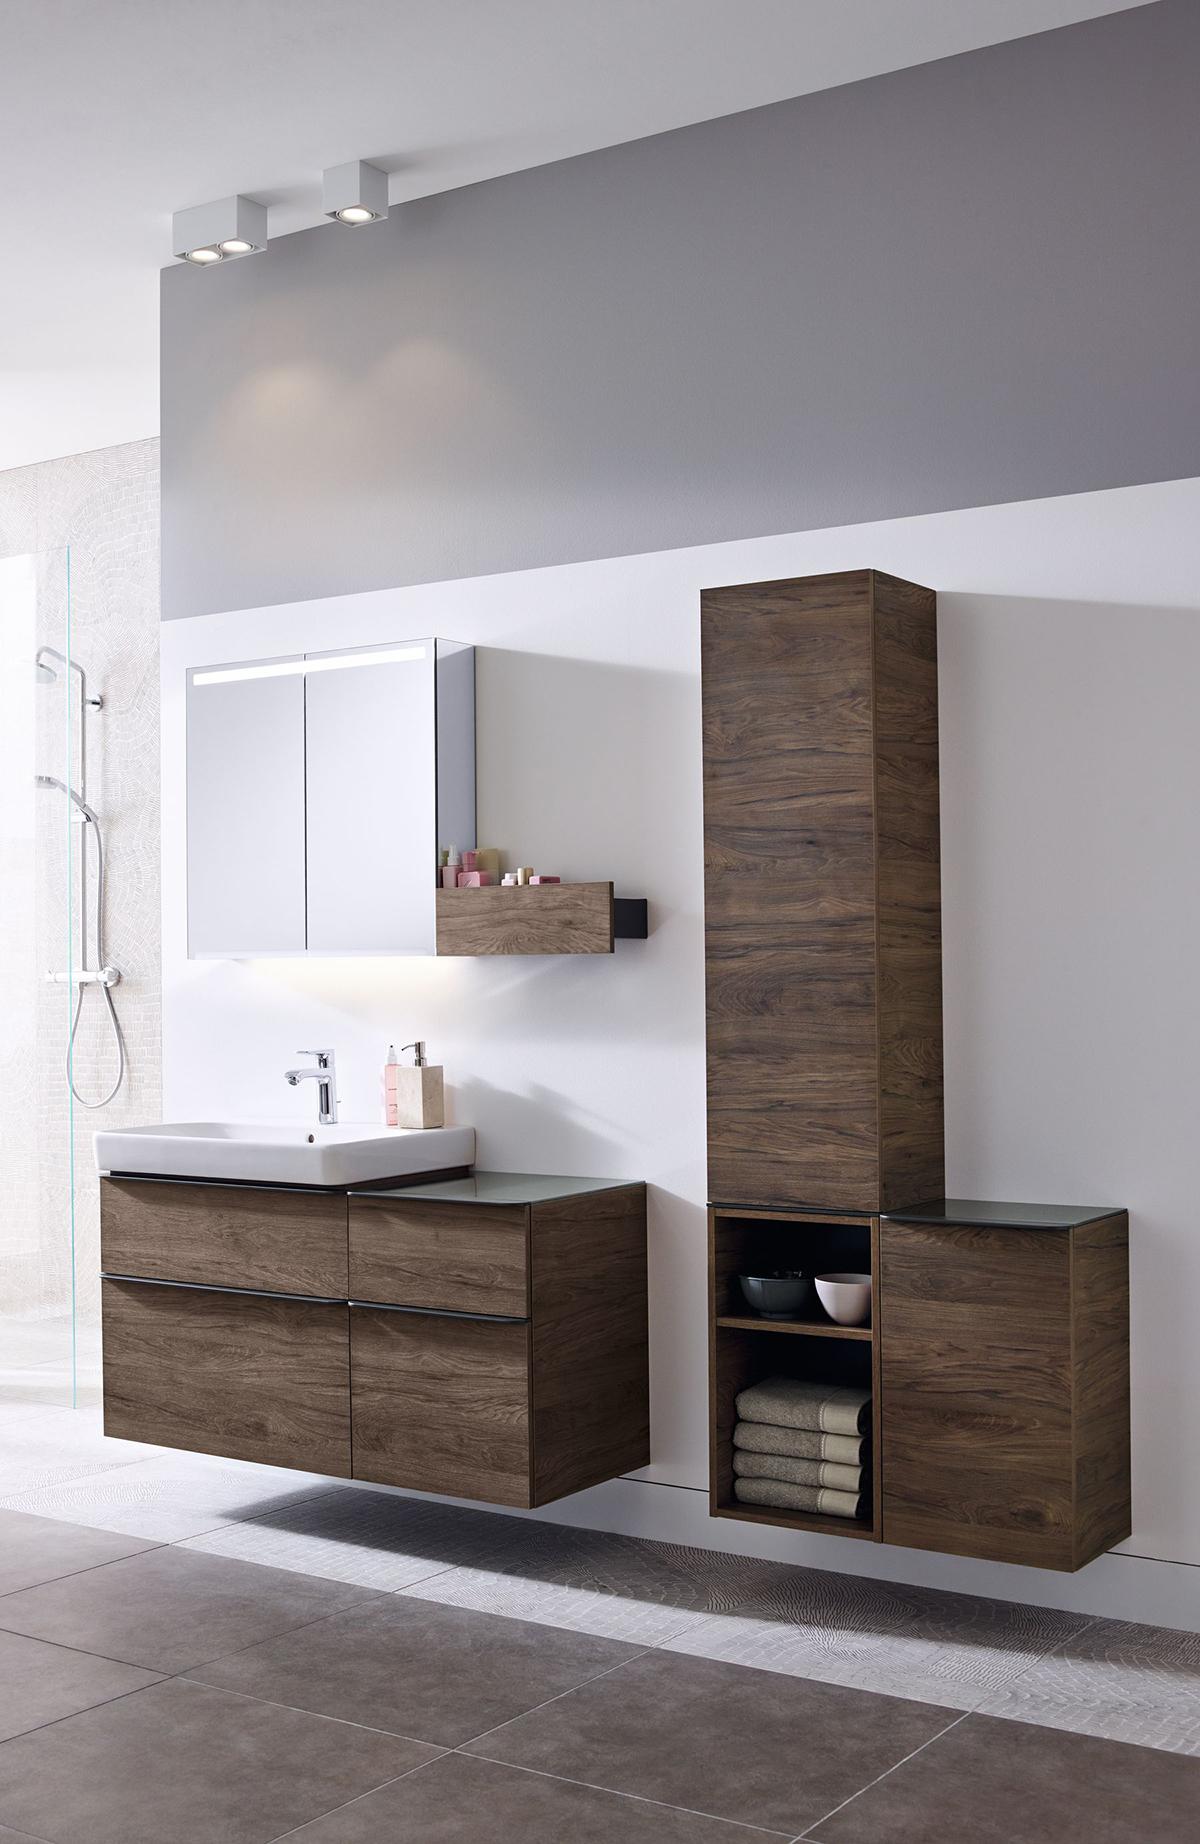 obr.6 2019 Bathroom 06 C with light Geberit Smyle Big Size